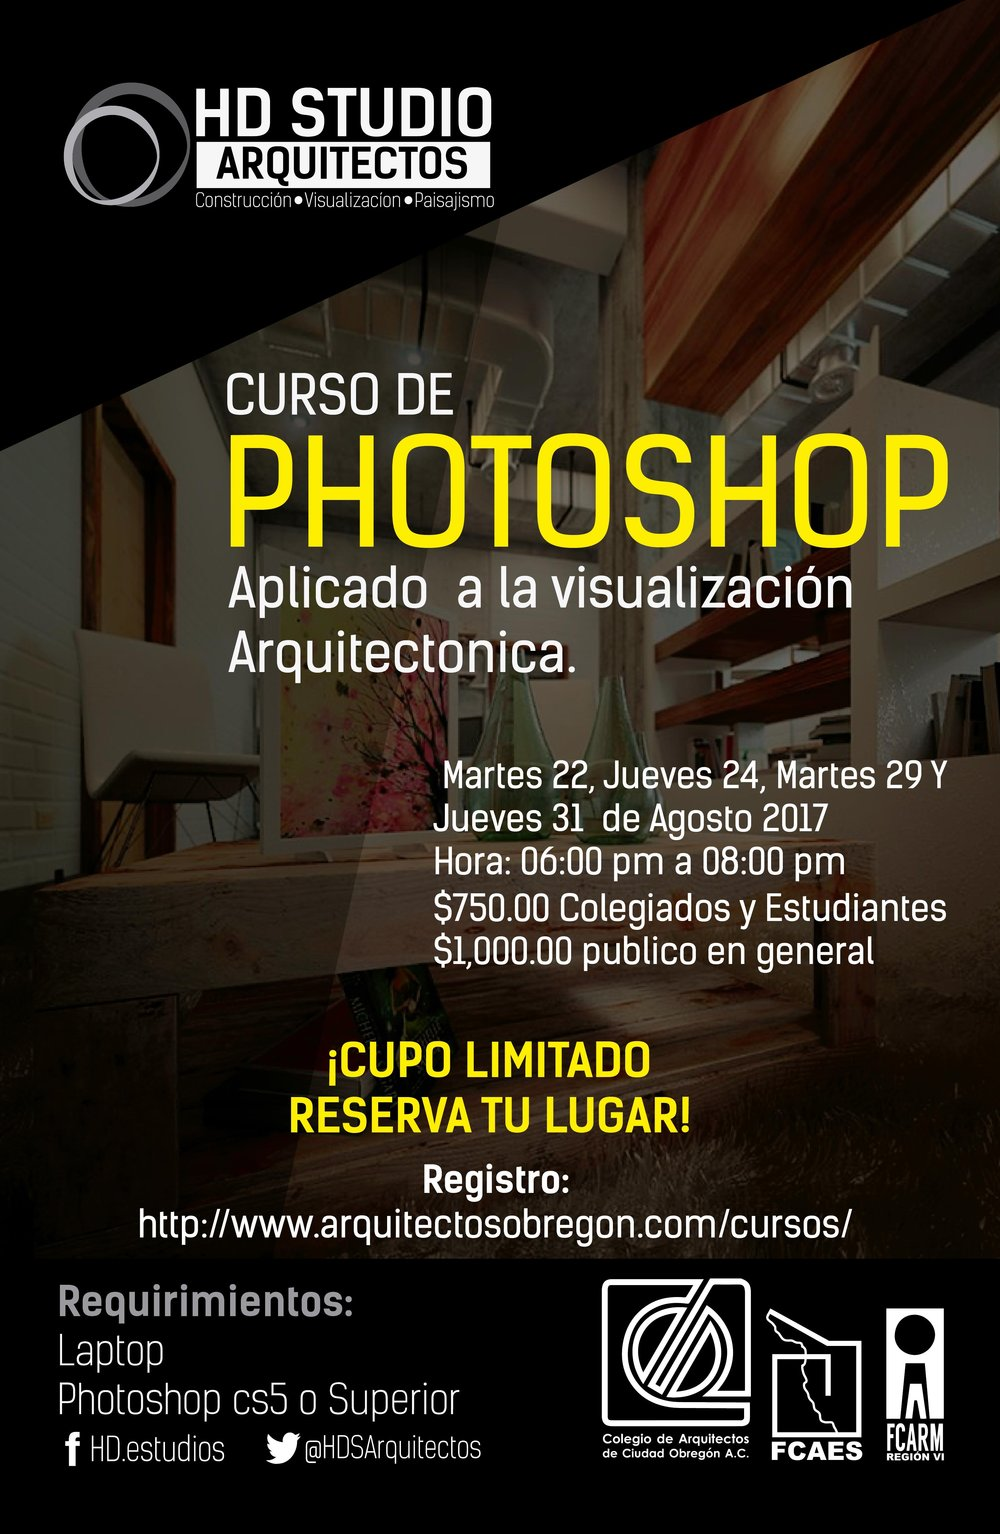 Cursos — Colegio de Arquitectos de Ciudad Obregón A.C.